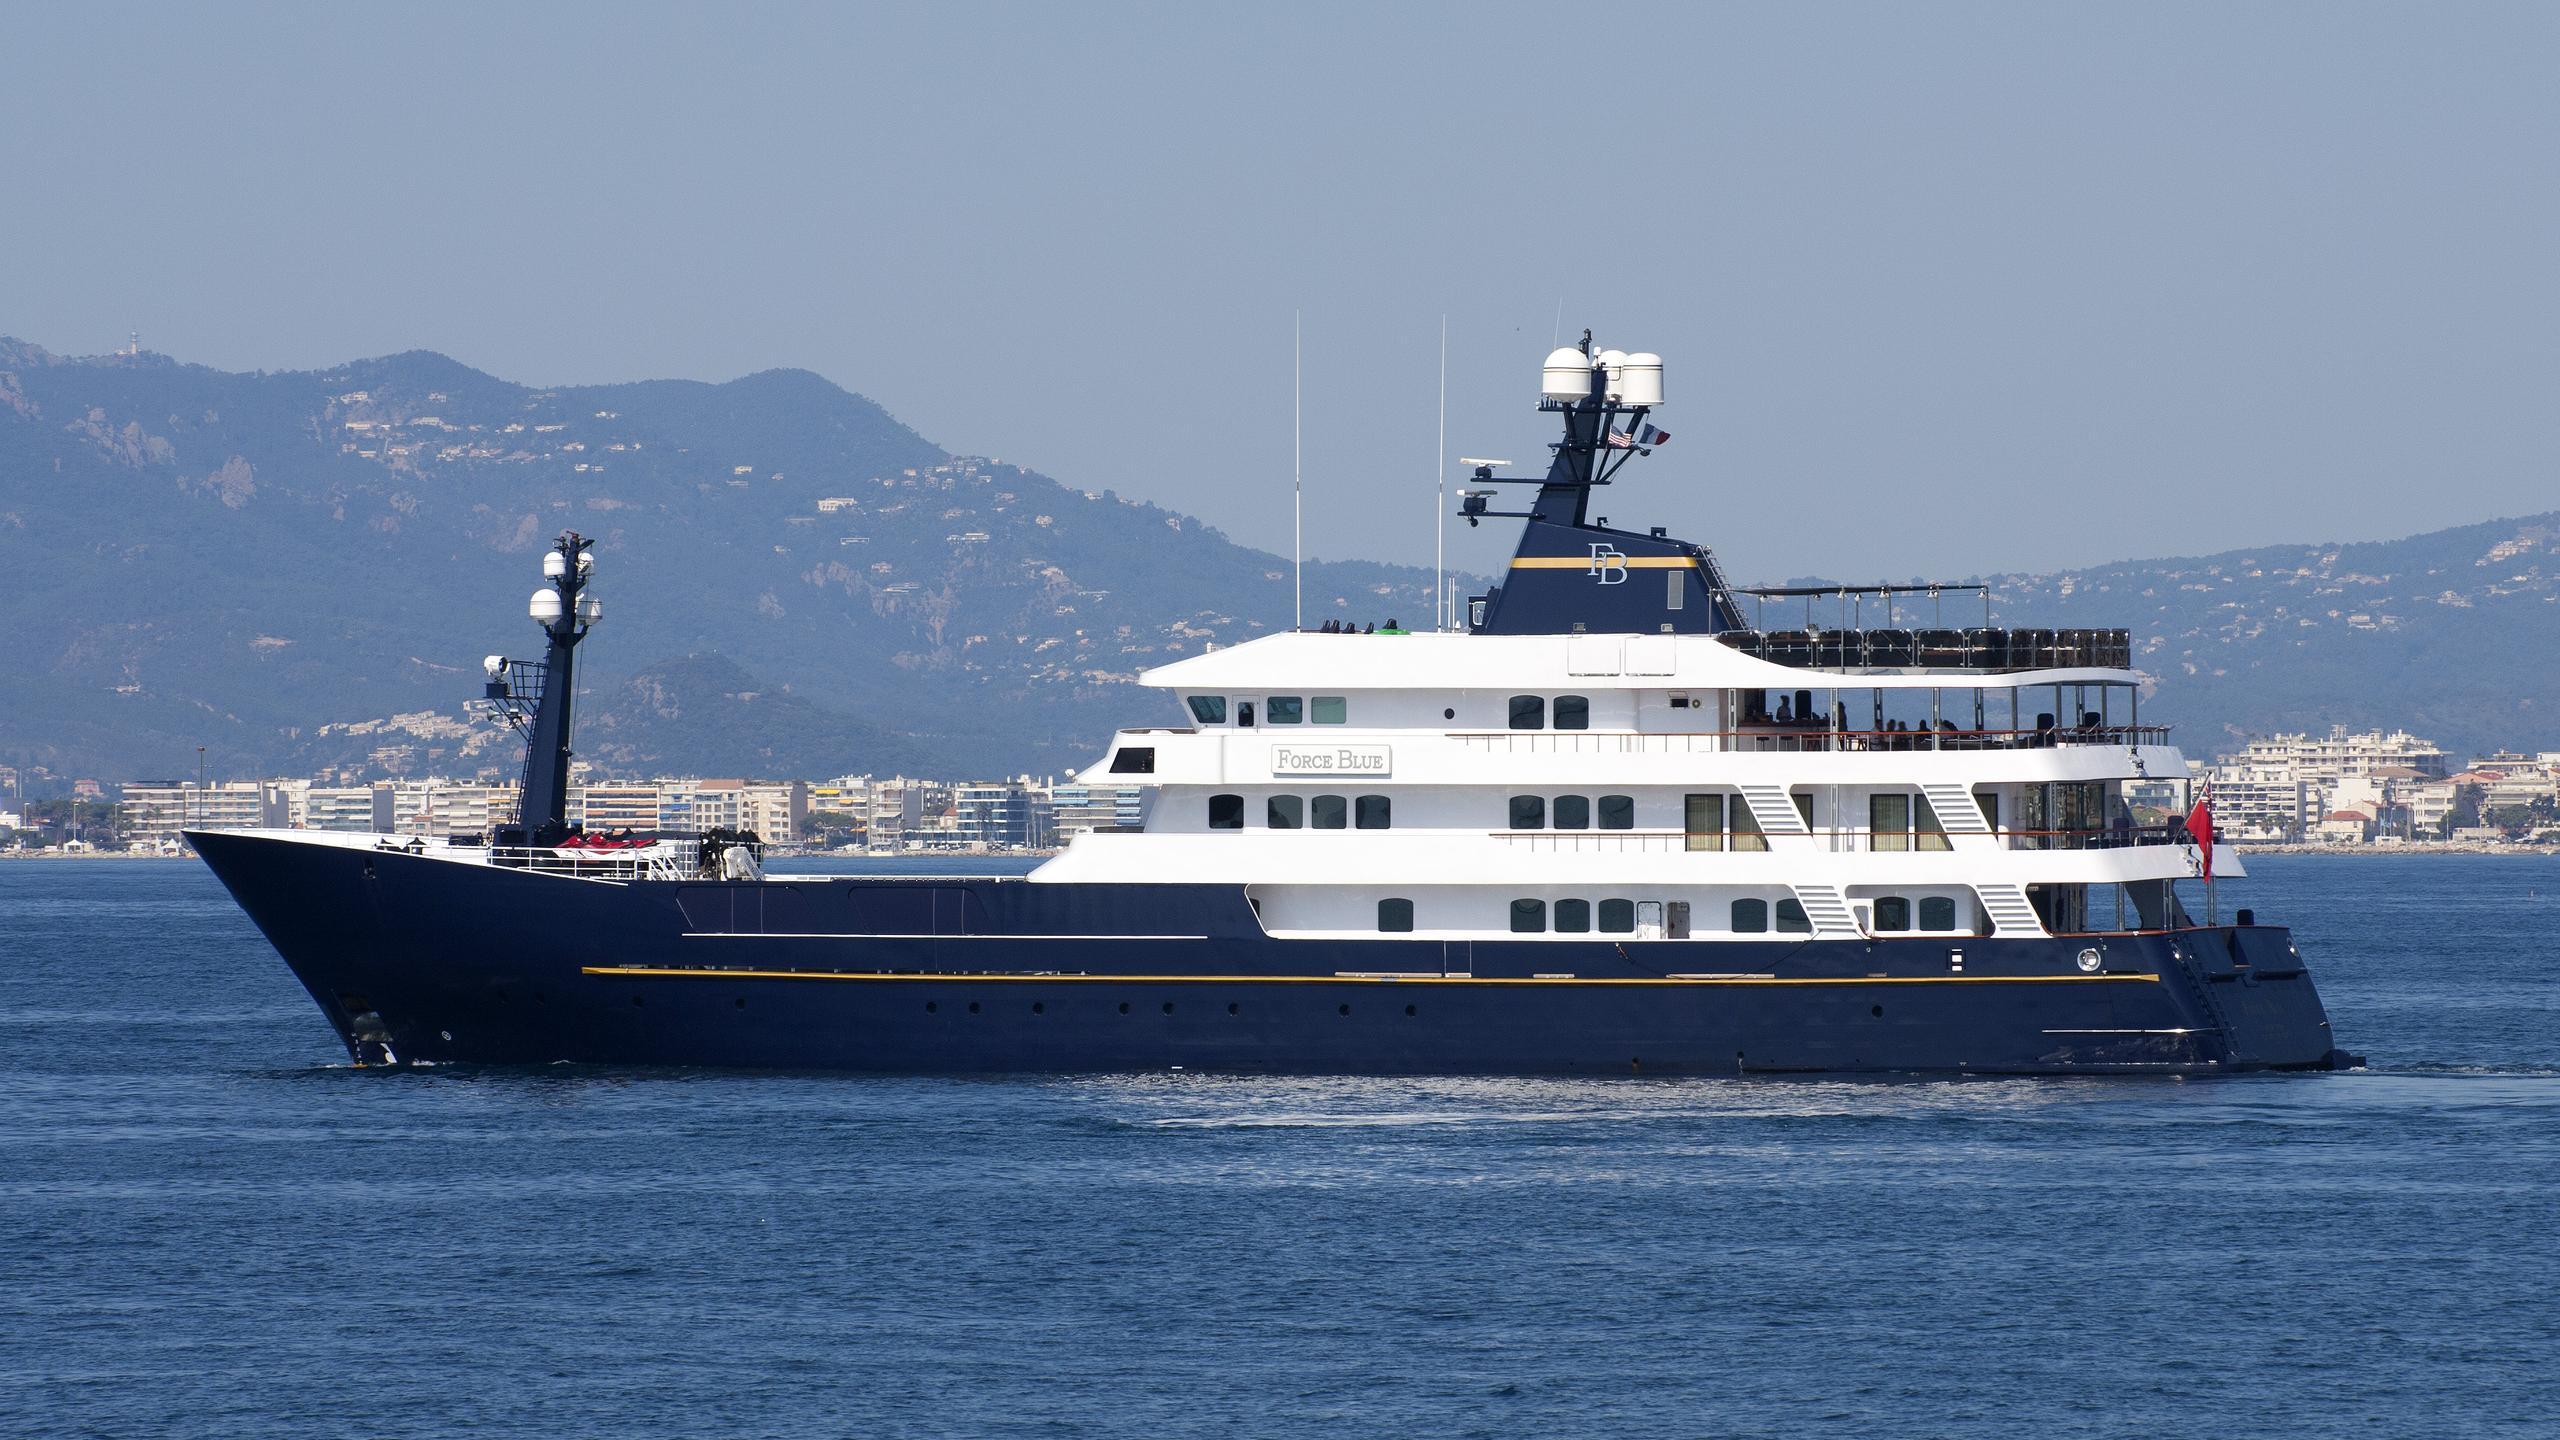 force-blue-explorer-yacht-royal-denship-assens-2002-63m-profile